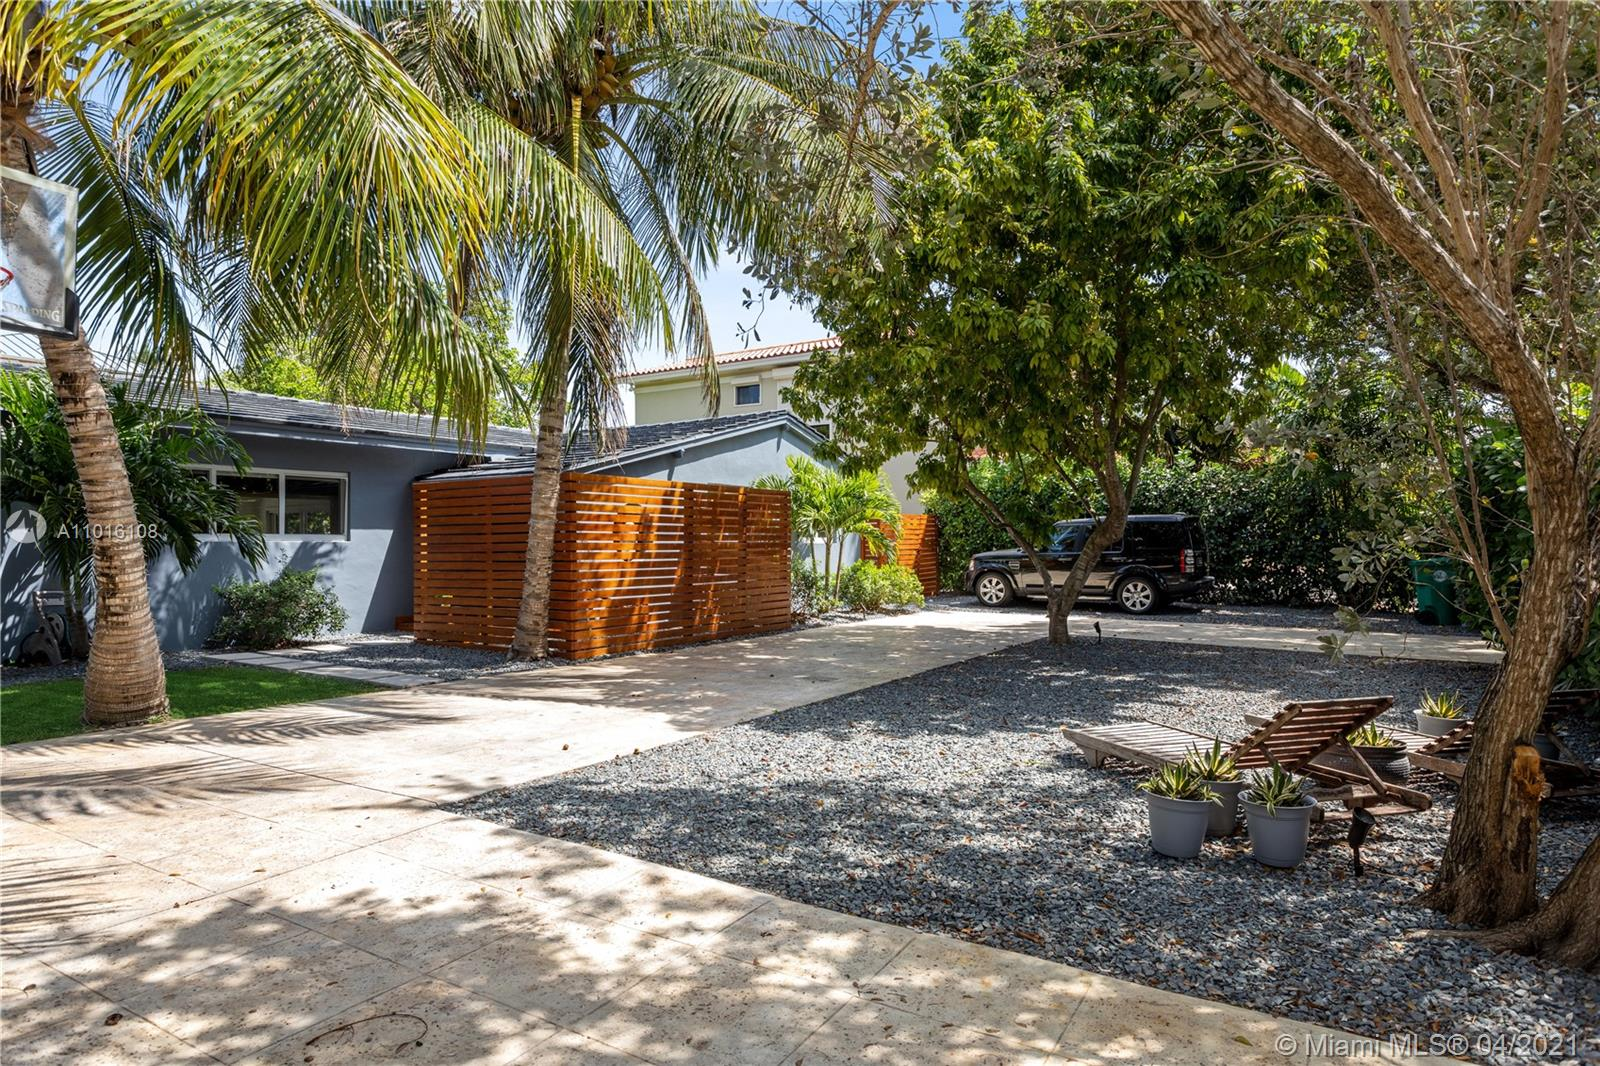 Biscayne Key Estates - 275 W Mashta Dr, Key Biscayne, FL 33149